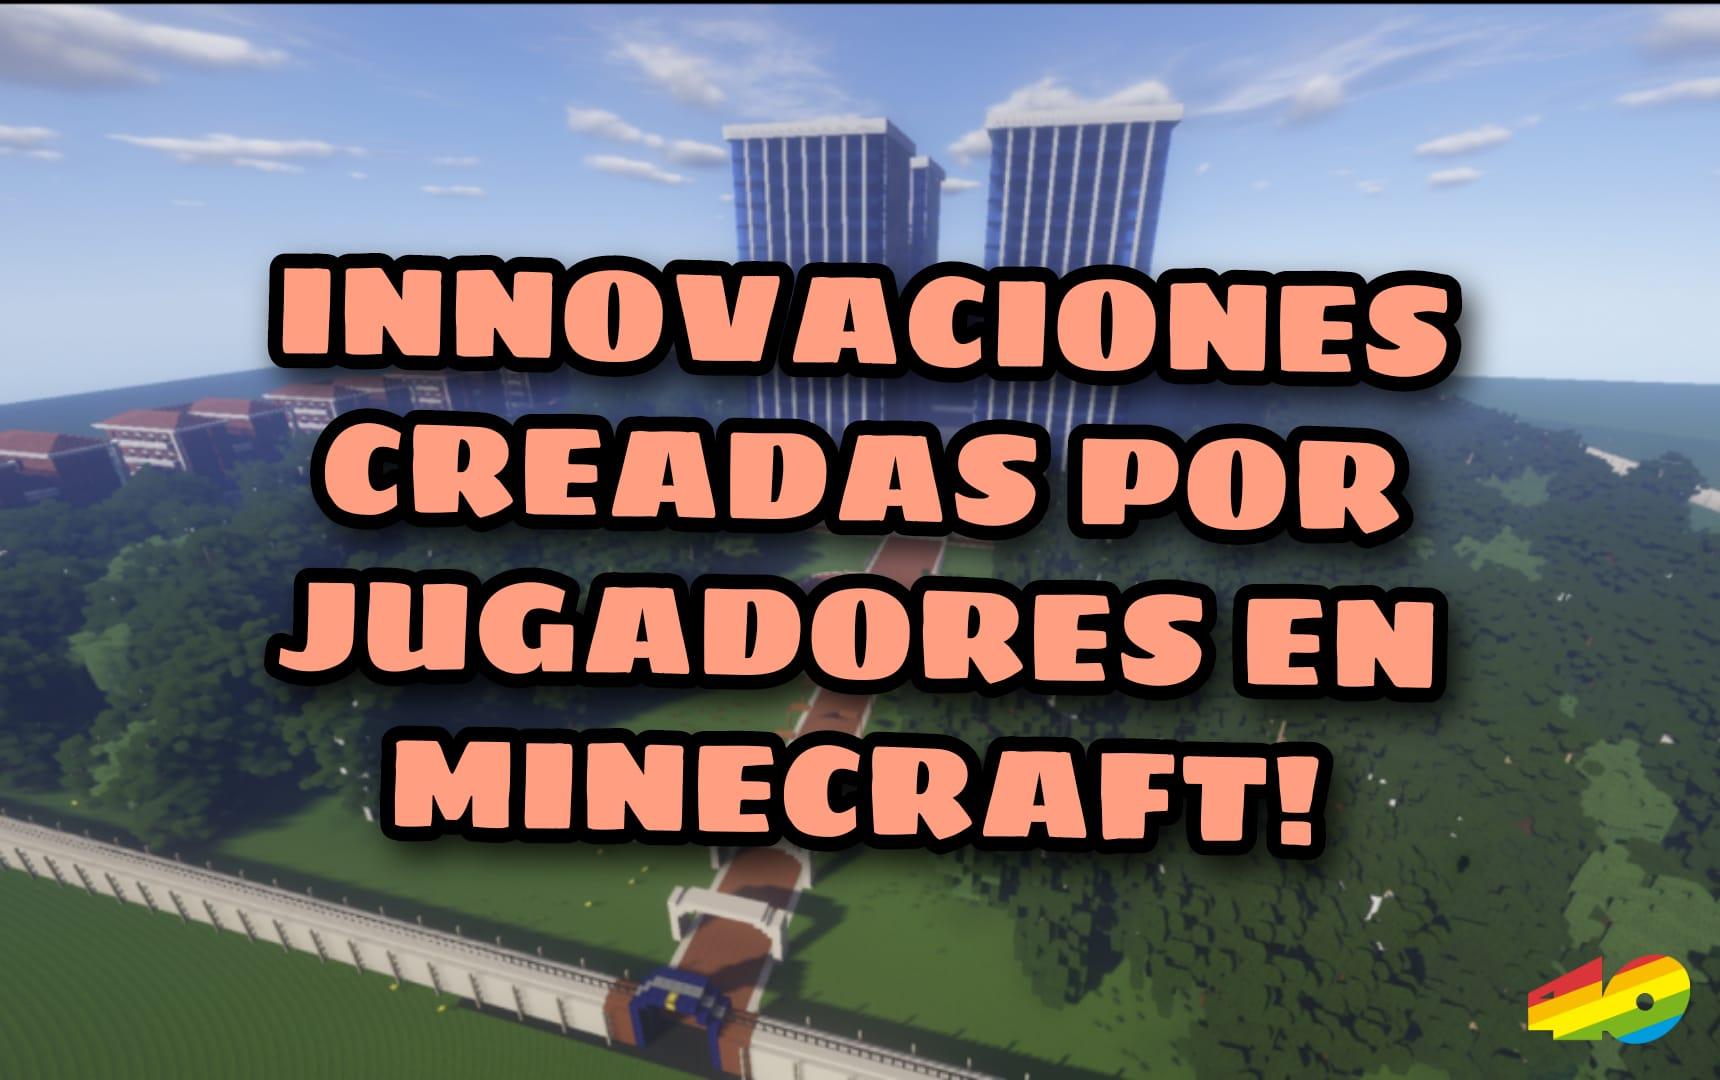 Records, curiosidades y MEGA-CONSTRUCCIONES Minecraft hecha por jugadores! 😲